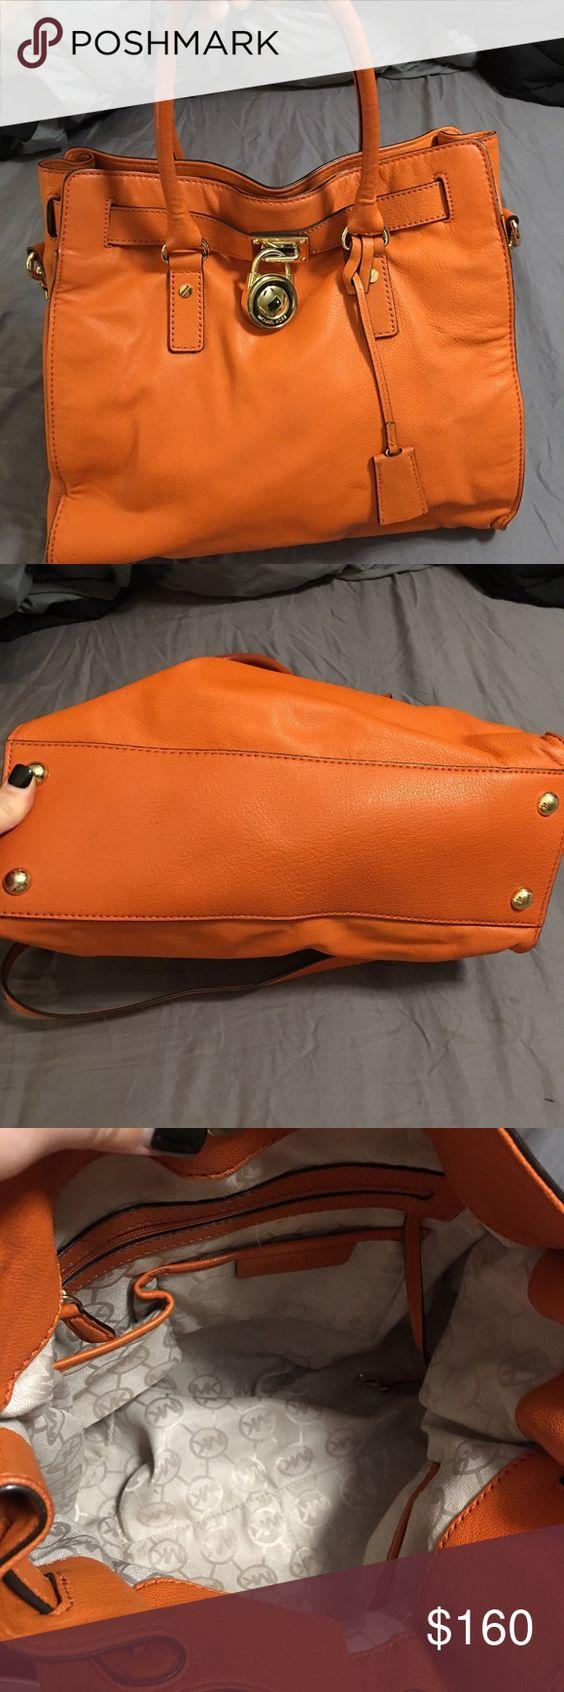 Michael kors orange Hamilton Perfect condition large size authentic Michael Kors Bags Satchels